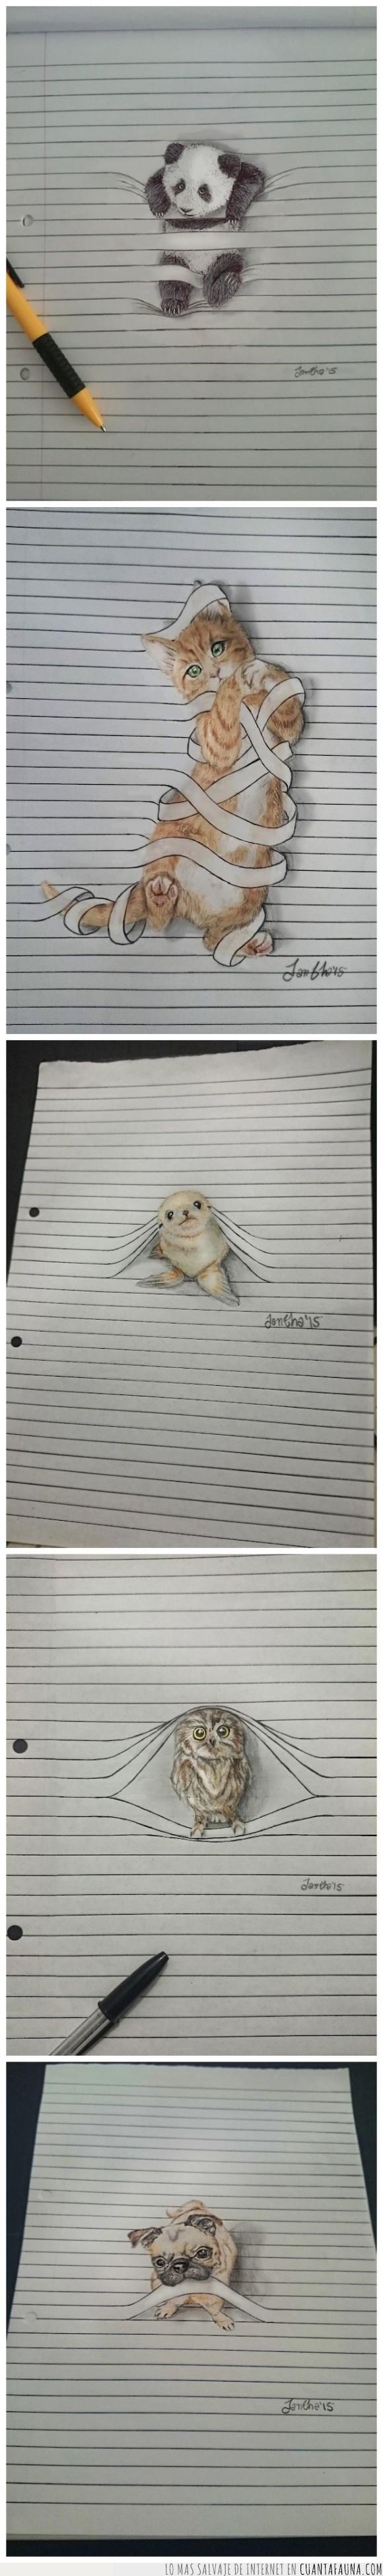 31990 - Animales que salen del papel para verte a ti